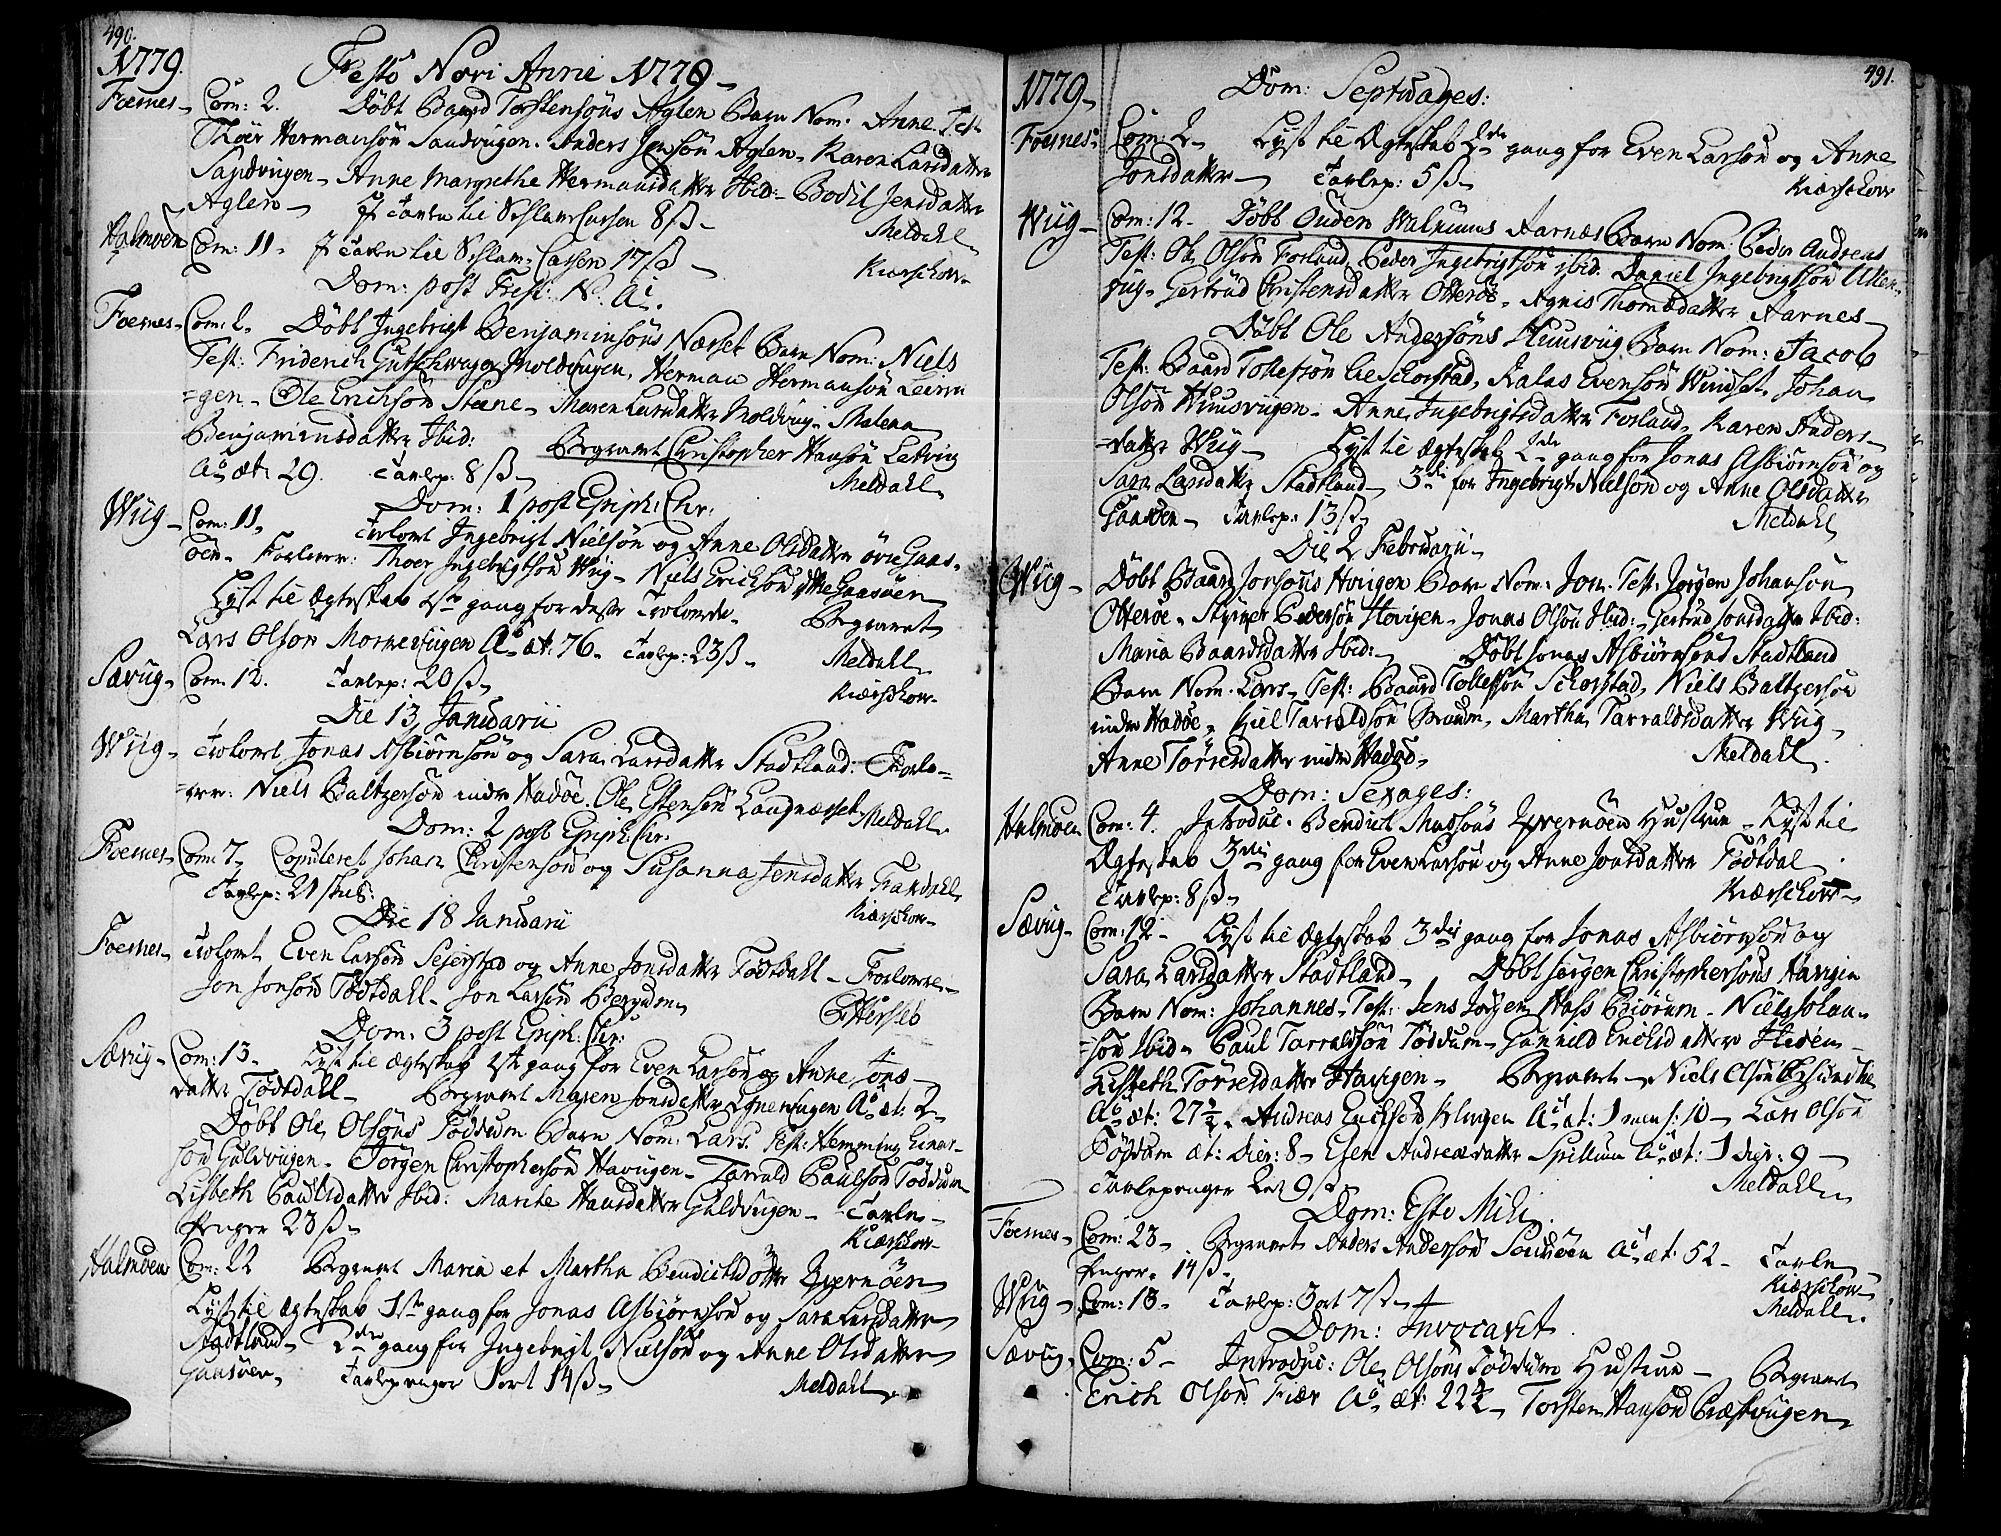 SAT, Ministerialprotokoller, klokkerbøker og fødselsregistre - Nord-Trøndelag, 773/L0607: Ministerialbok nr. 773A01, 1751-1783, s. 490-491